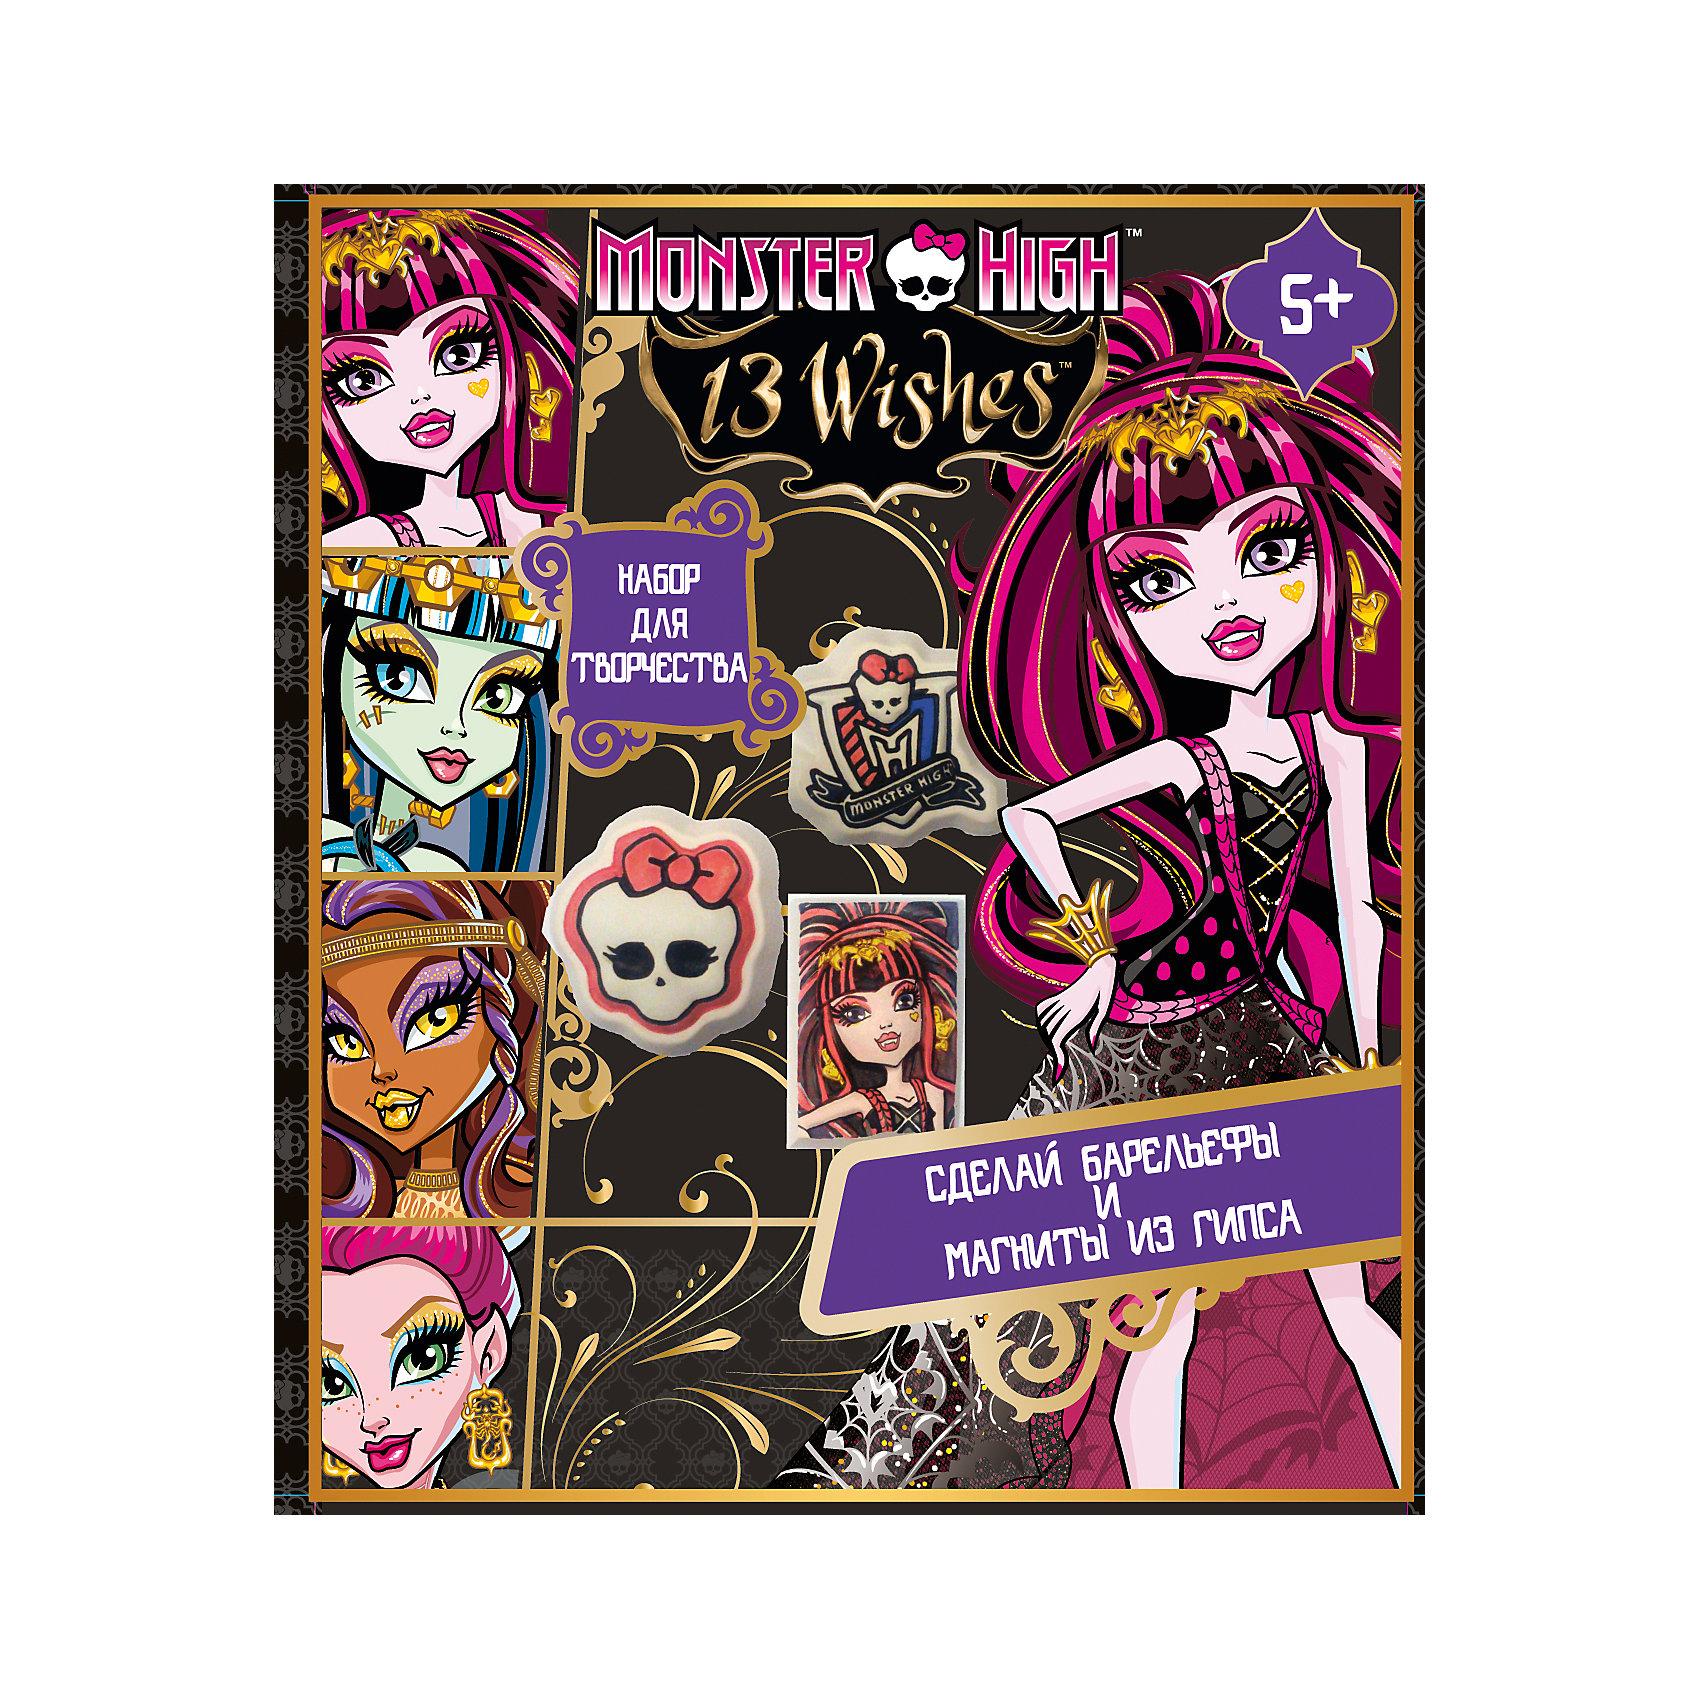 Набор для создания магнитов, Monster HighНабор для создания магнитов, Monster High (Монстр Хай) – этот набор для творчества прекрасный подарок для поклонницы Школы Монстров.<br>Набор дает возможность в домашних условиях изготовить и расписать магниты по мотивам мультсериала Monster High (Монстр Хай) и барельеф с Дракулаурой. Работа с данным набором развивает мелкую моторику, координацию движений, фантазию и художественные способности. Весь процесс изготовления фигурок становится увлекательным и познавательным.<br><br>Дополнительная информация:<br><br>- В наборе: пластиковые формы, гипс-порошок, краски акриловые 6 цветов, кисть, магнитная лента, инструкция<br>- Размер упаковки: 50 х 185 х 220 мм.<br>- Вес: 520 гр.<br><br>Набор для создания магнитов, Monster High (Монстр Хай) - подарите ребенку возможность почувствовать себя настоящим скульптором!<br><br>Набор для создания магнитов, Monster High (Монстр Хай) можно купить в нашем интернет-магазине.<br><br>Ширина мм: 50<br>Глубина мм: 185<br>Высота мм: 220<br>Вес г: 520<br>Возраст от месяцев: 36<br>Возраст до месяцев: 156<br>Пол: Женский<br>Возраст: Детский<br>SKU: 4017778